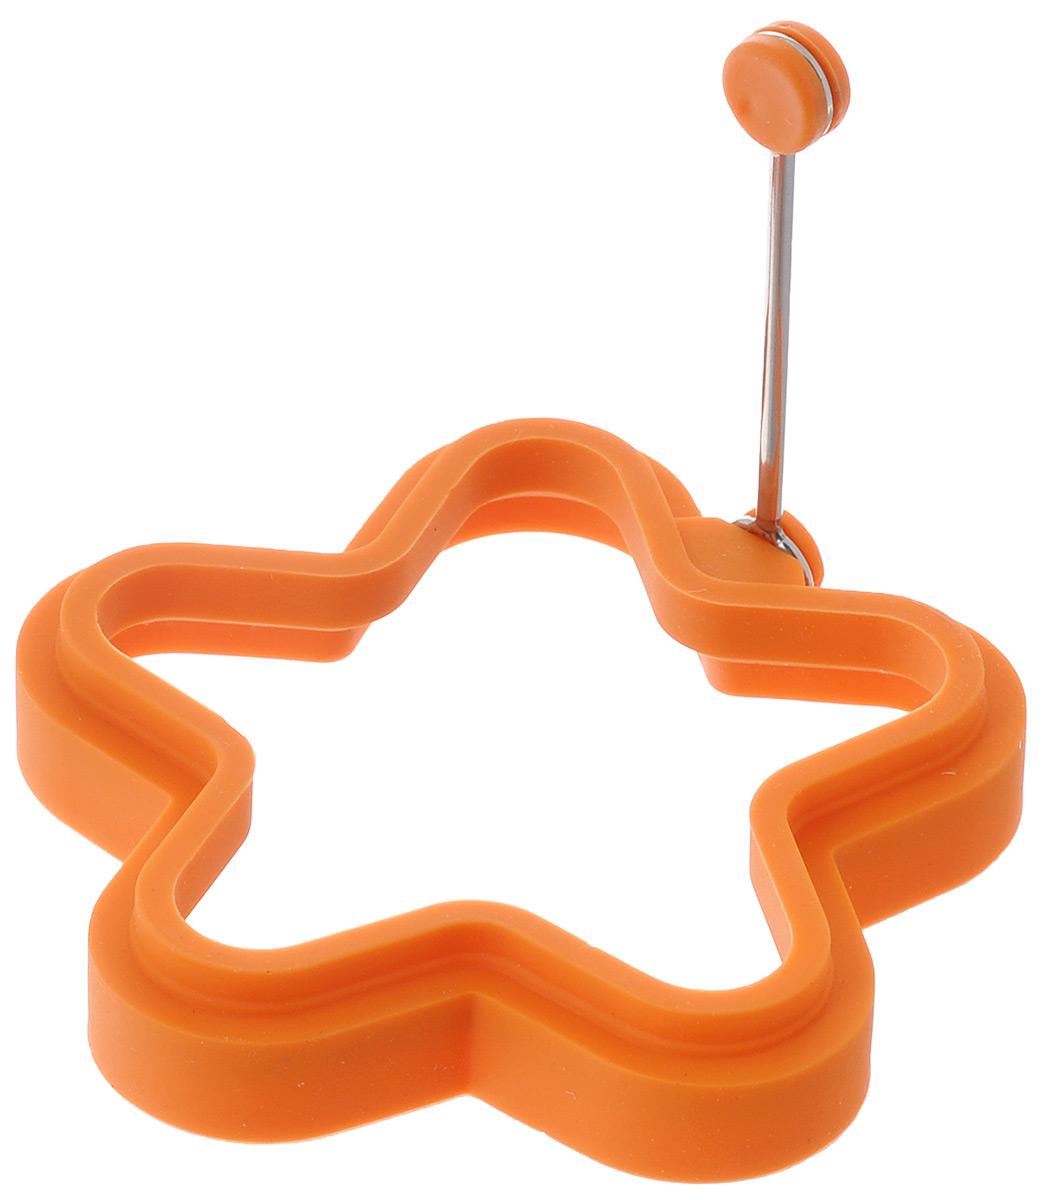 Форма для яичницы Mayer & Boch Звезда, цвет: оранжевый94672Форма Mayer & Boch Звезда изготовлена из силикона. Она предназначенадля приготовления яичницы, выпекания блинов необычной формы и других блюд.Необходимо просто залить приготавливаемую массу внутрь формочки,расположенной на сковородке,и подождать, пока блюдо не дойдет до нужной кондиции. Благодаря такой формочке,вы привнесете немного оригинальности и разнообразия в свой повседневныйзавтрак.Можно мыть в посудомоечной машине.Размер: 11,5 см х 11,5 см х 2,2 см.